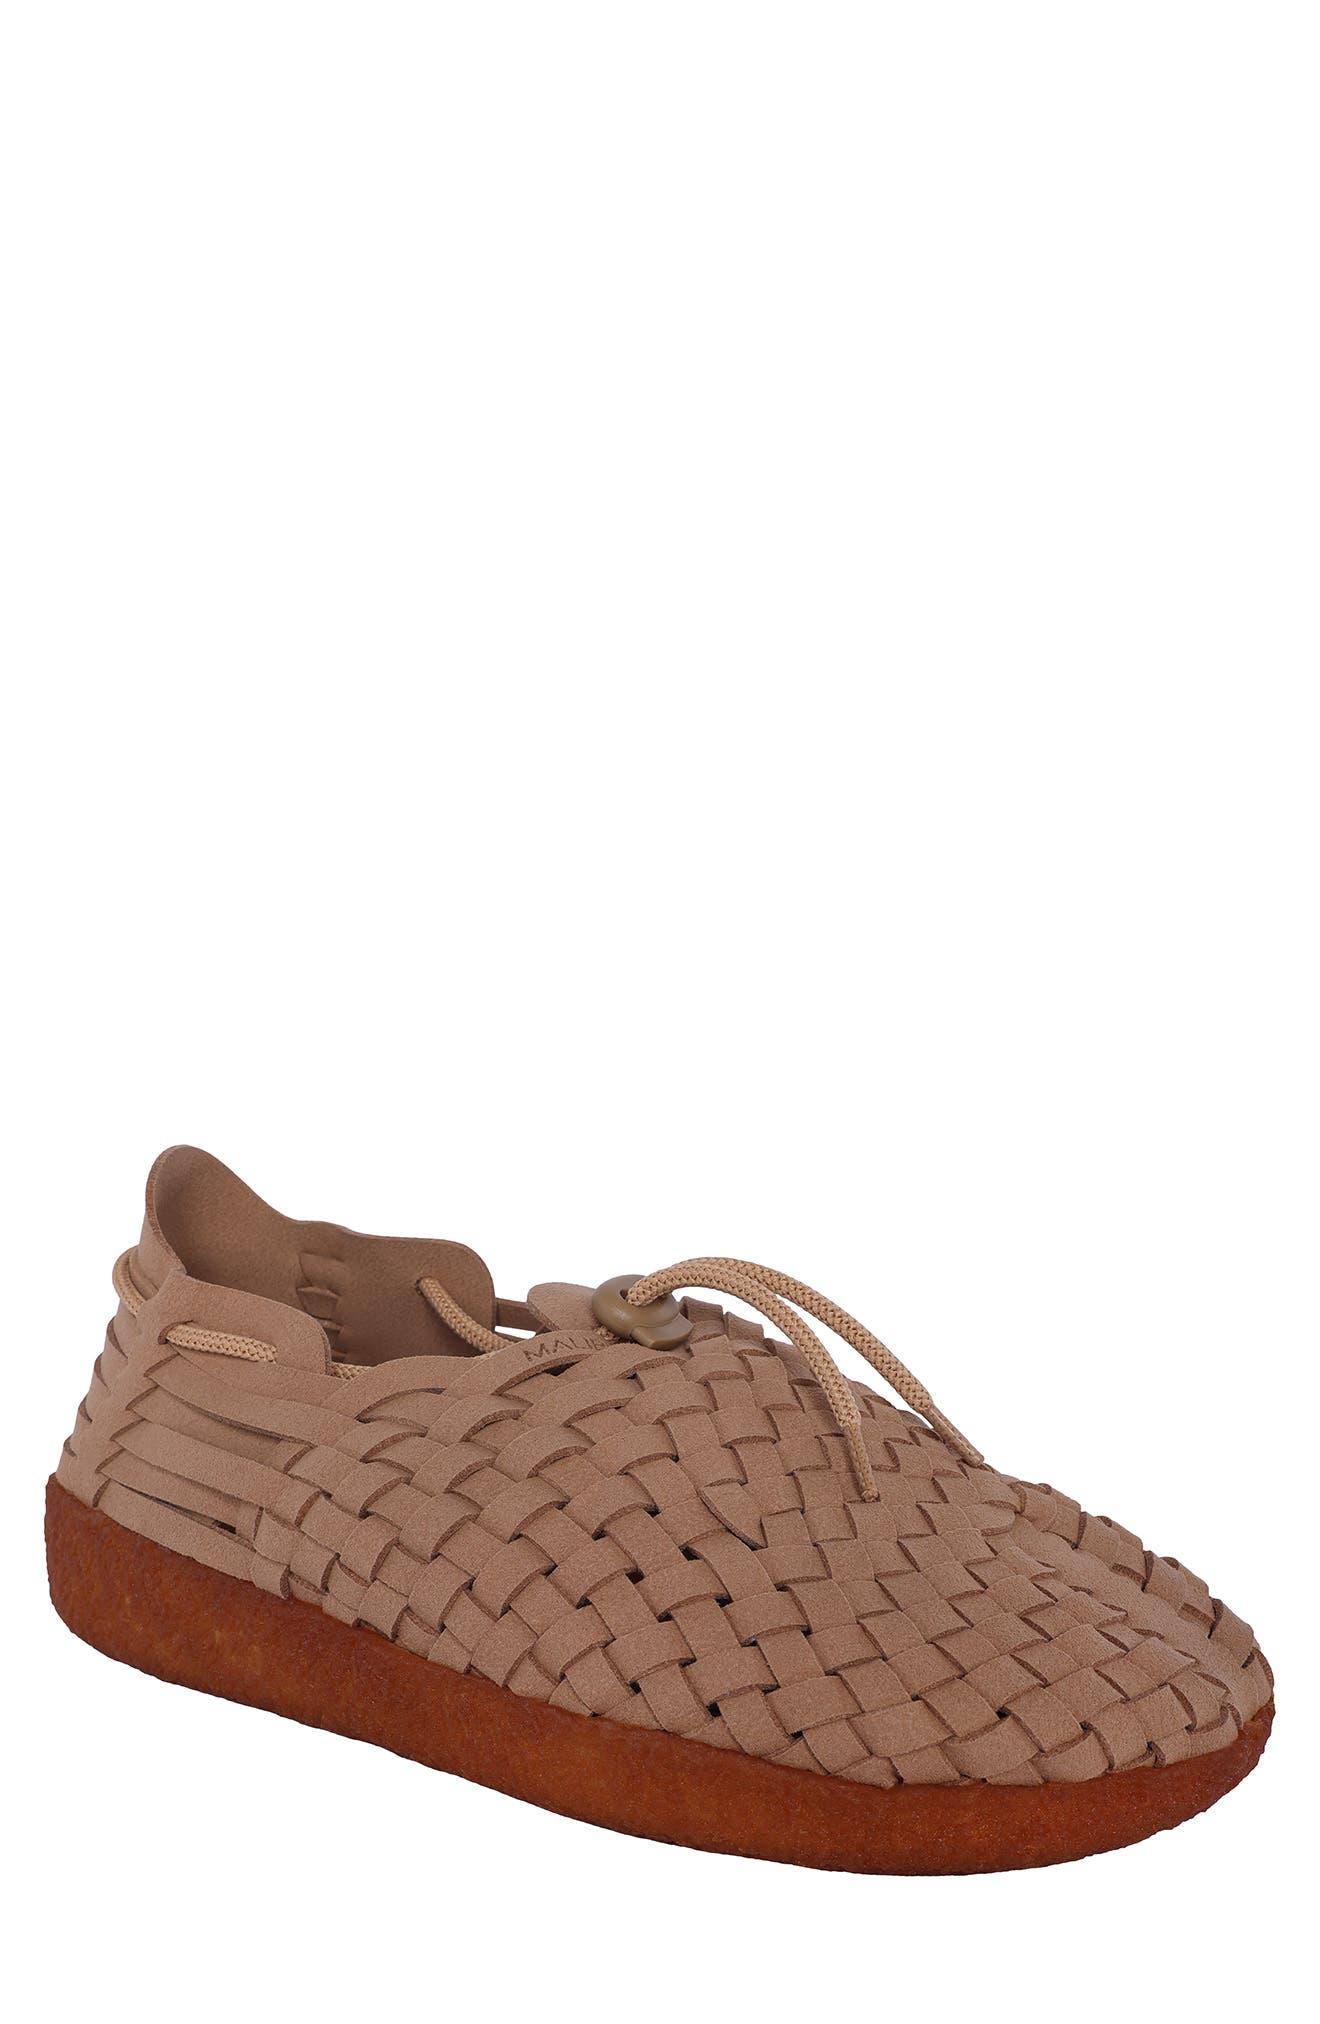 Latigo Huarache Shoe